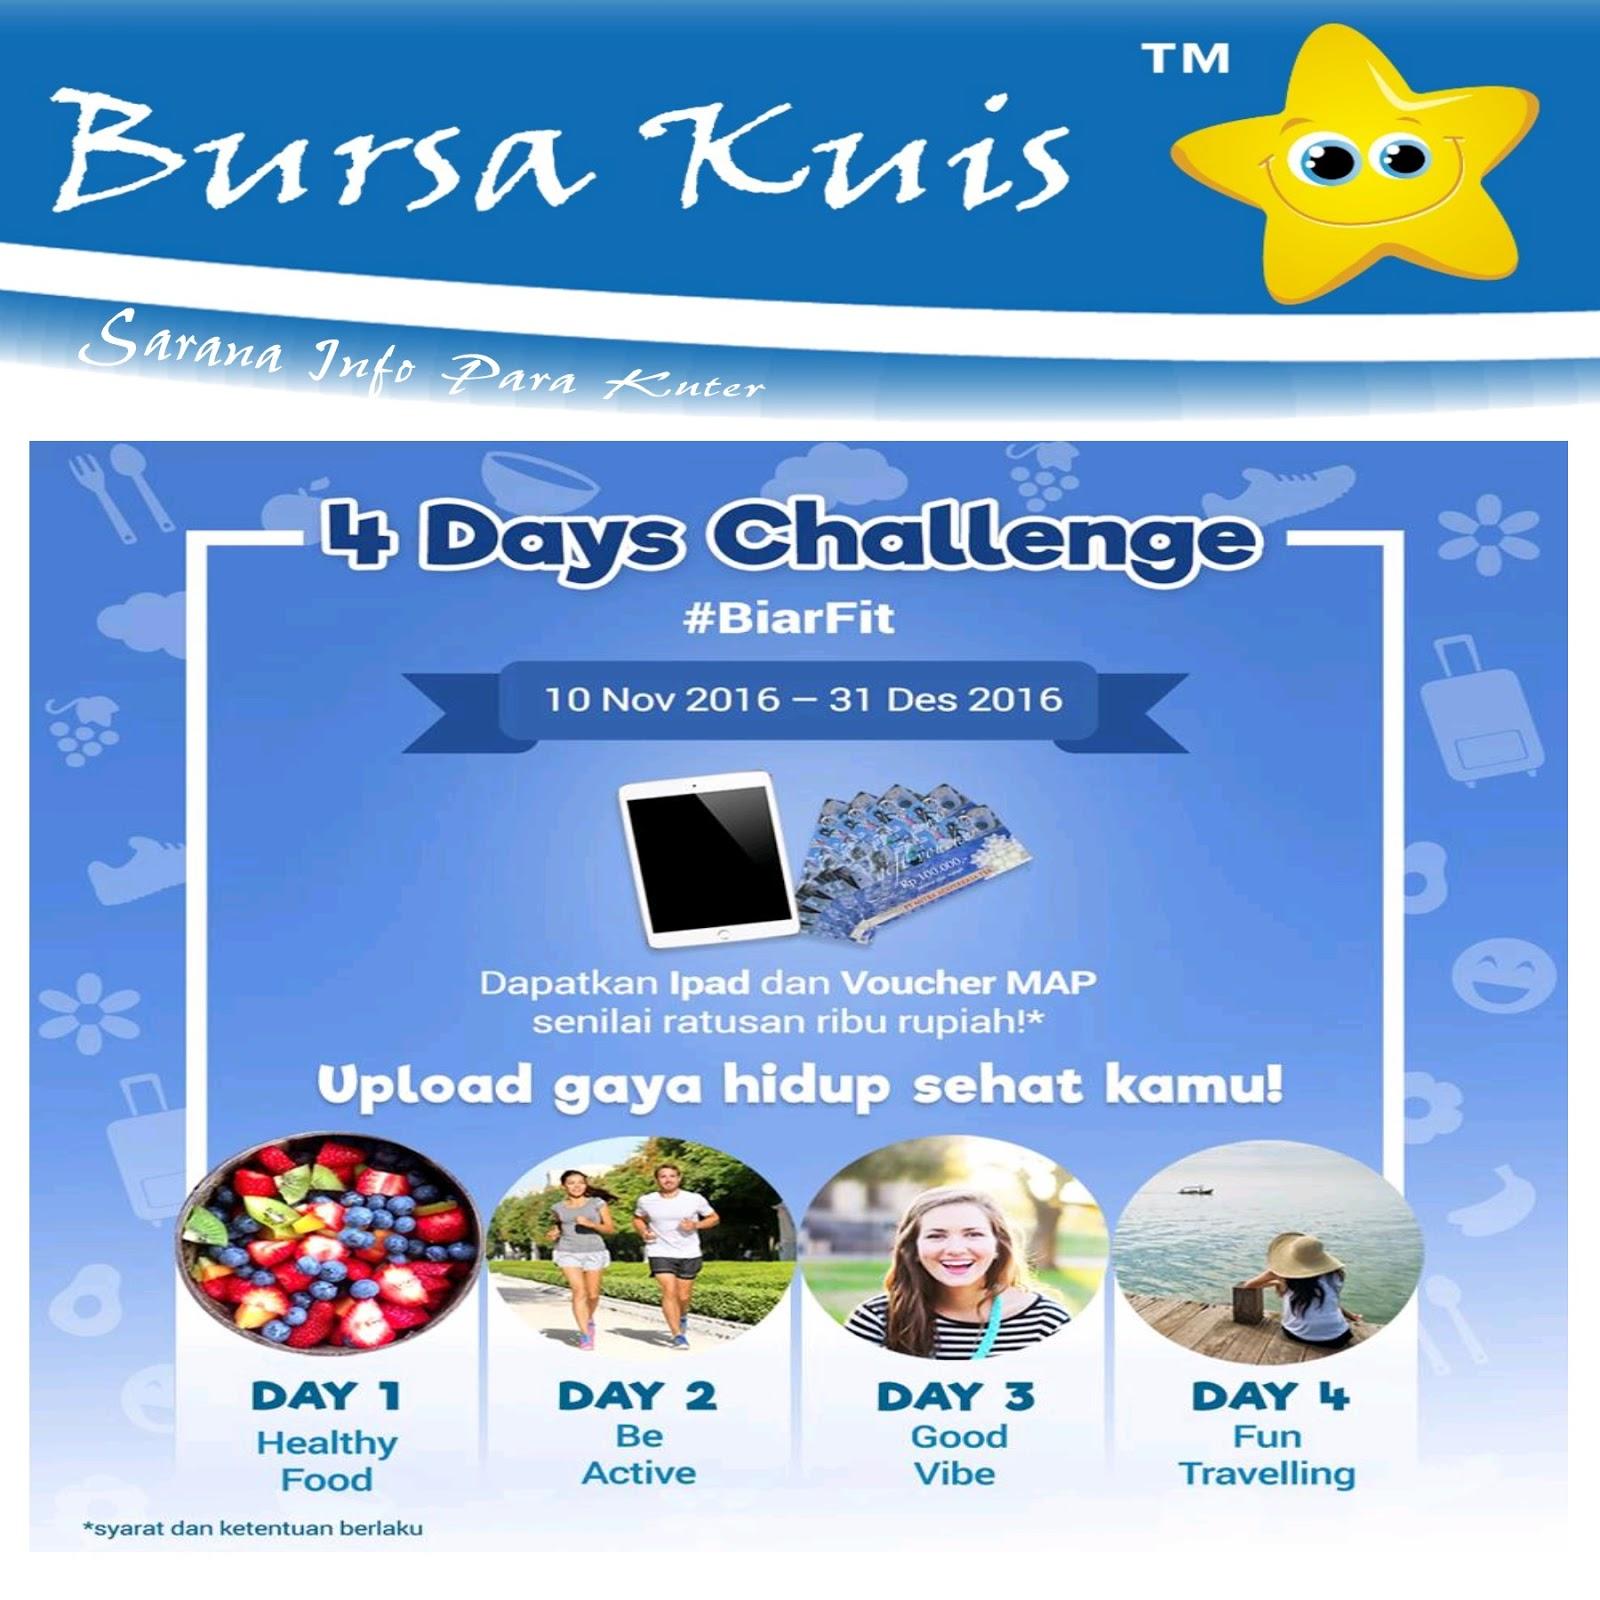 Kuis 4 Days Challenge Biar Fit Berhadiah Ipad Dan Voucher Belanja Map Senilai 1 Juta